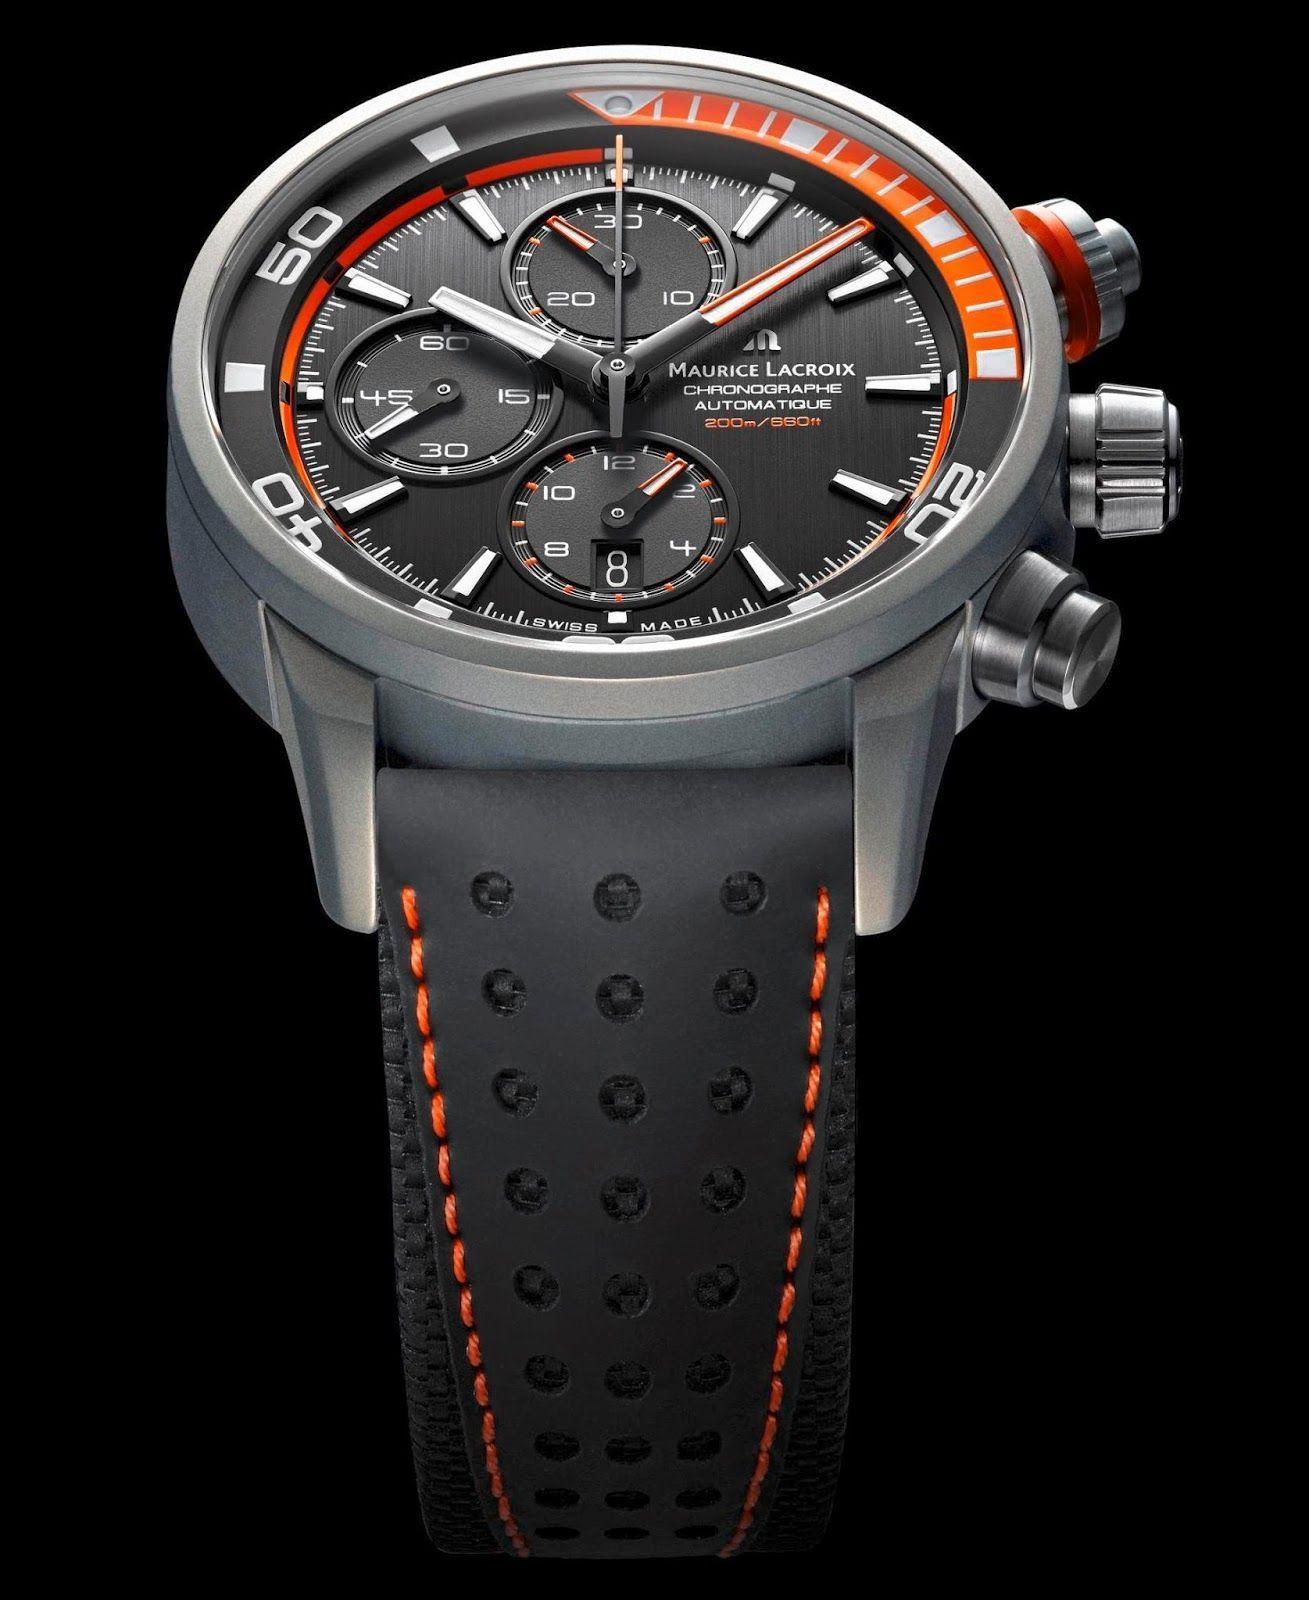 e8dfb4a2867 Pin de Ferreira Mendez  TimBeta SDV em  Watches em 2018